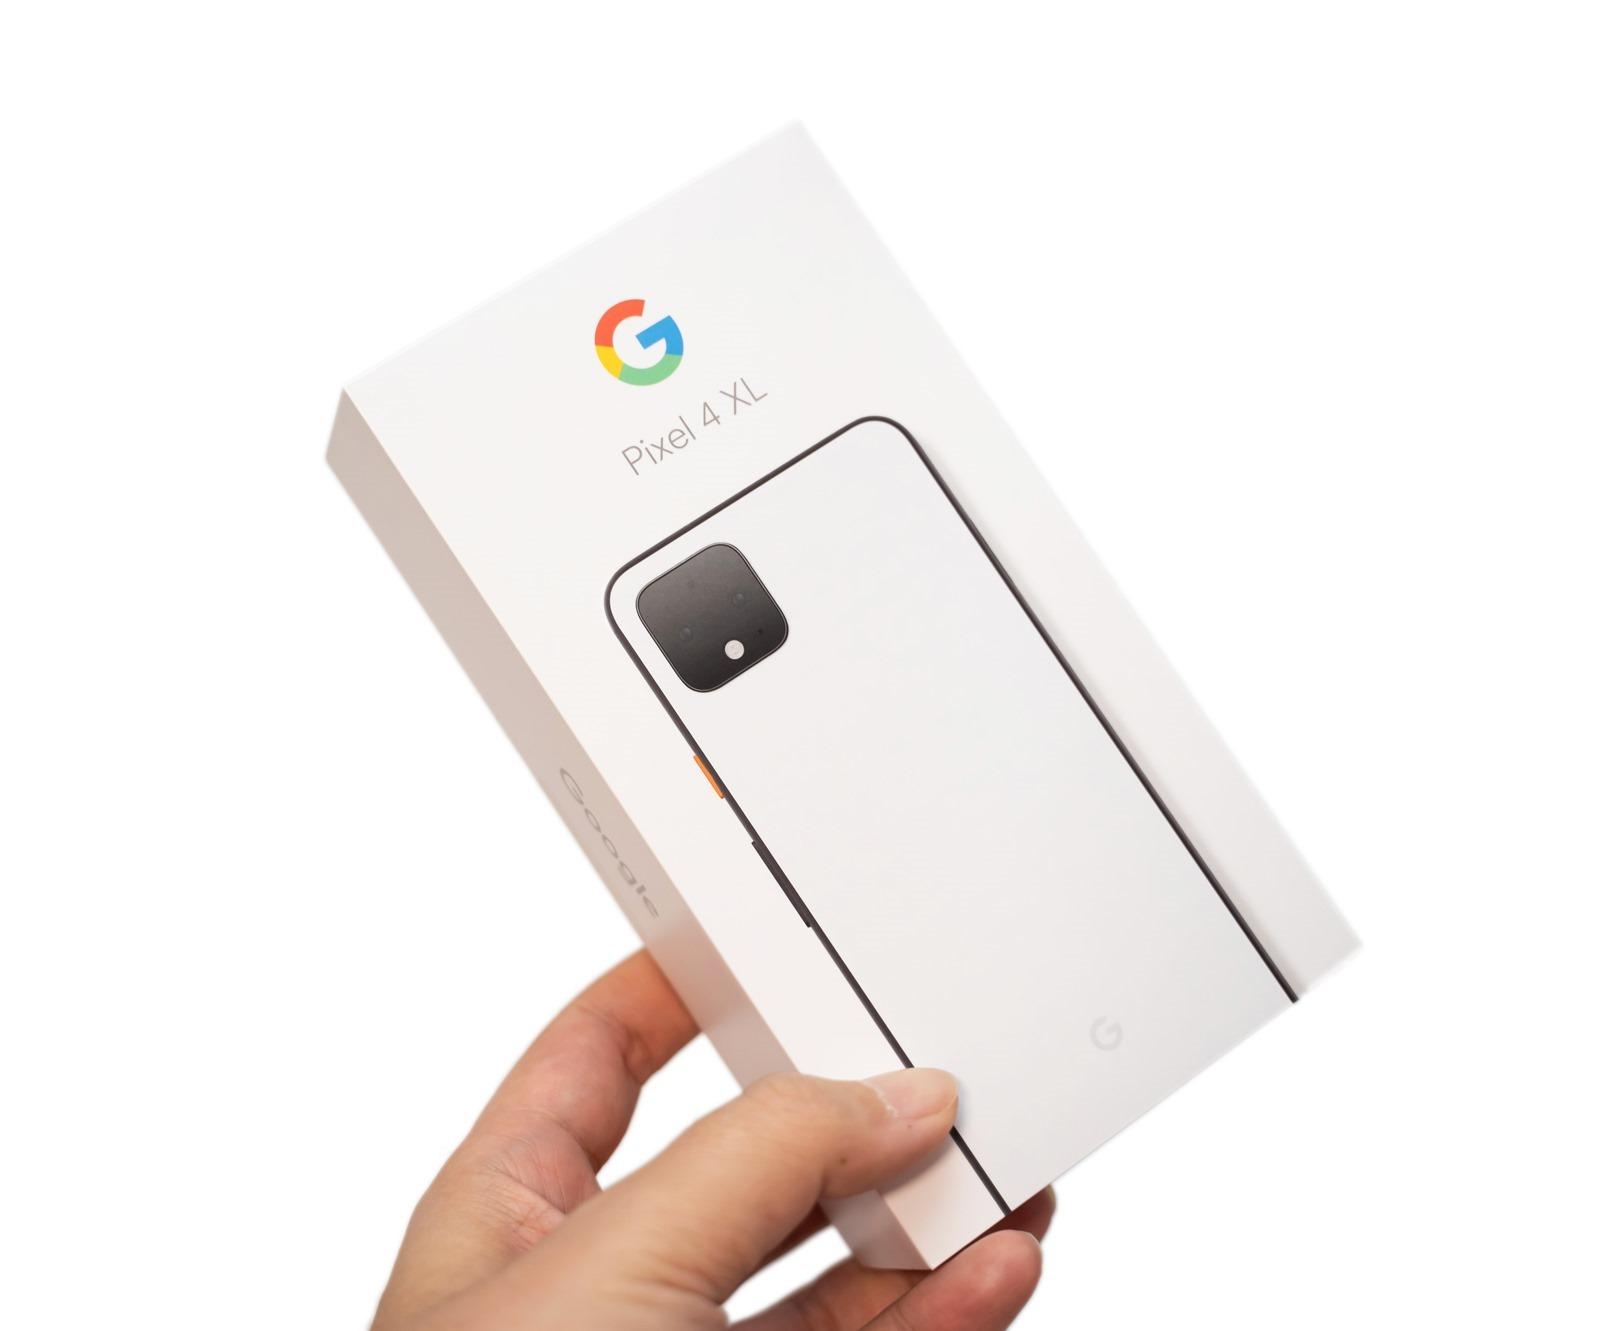 臺灣將第一波上市!Google Pixel 4 XL (1) 開箱。看看盒中有什麼? ( Google Pixel 4 XL Unboxing) 附規格 / 彙整資料 @3C ...